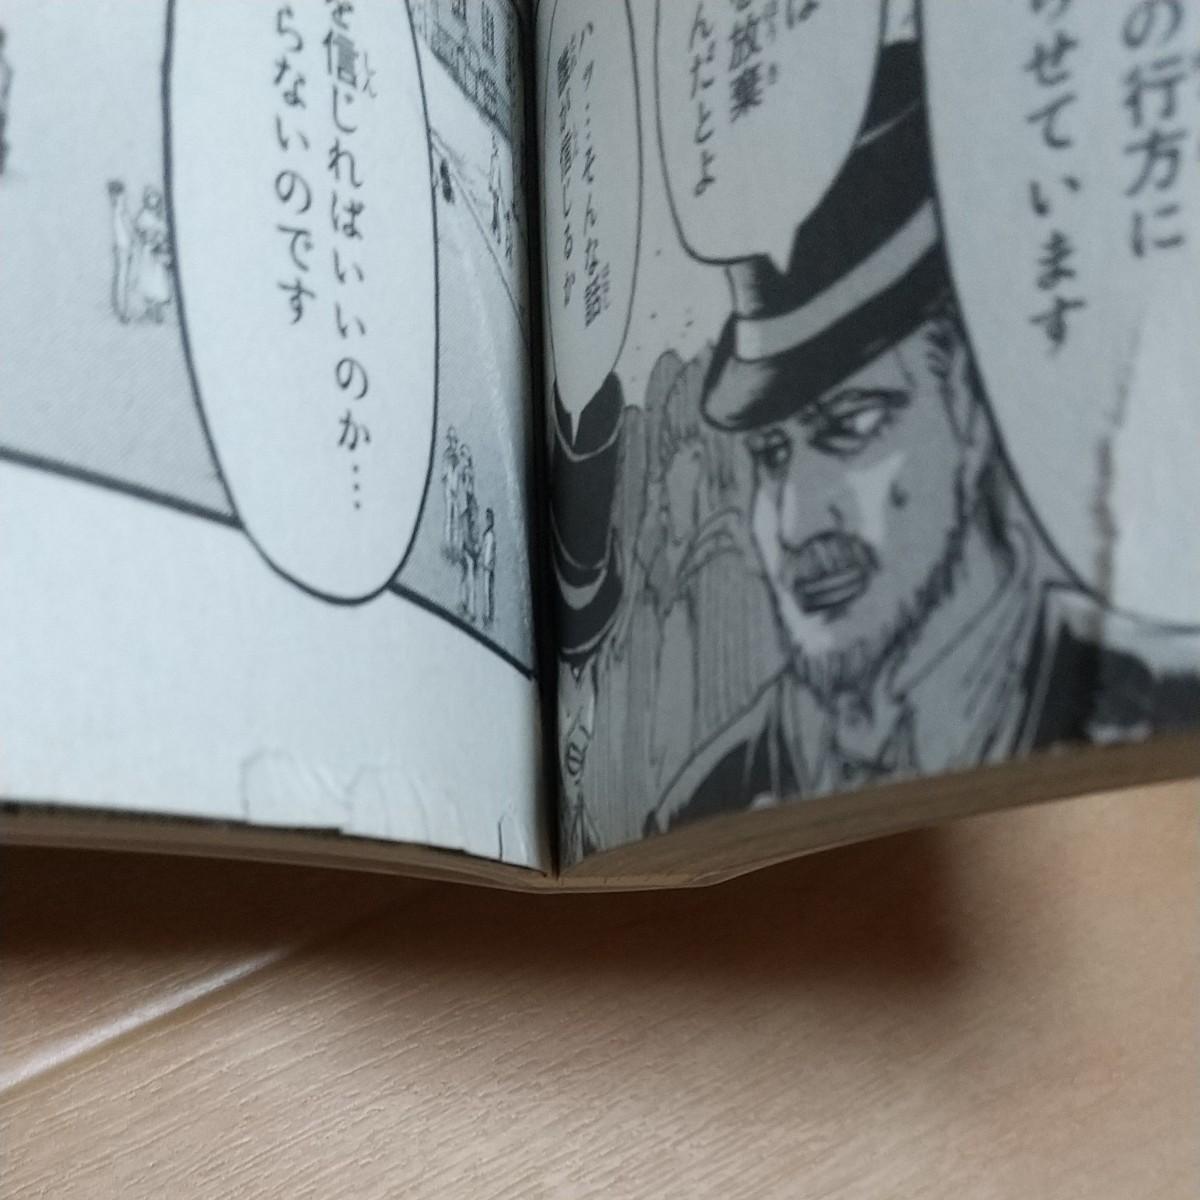 進撃の巨人 全巻セット 【諌山創】